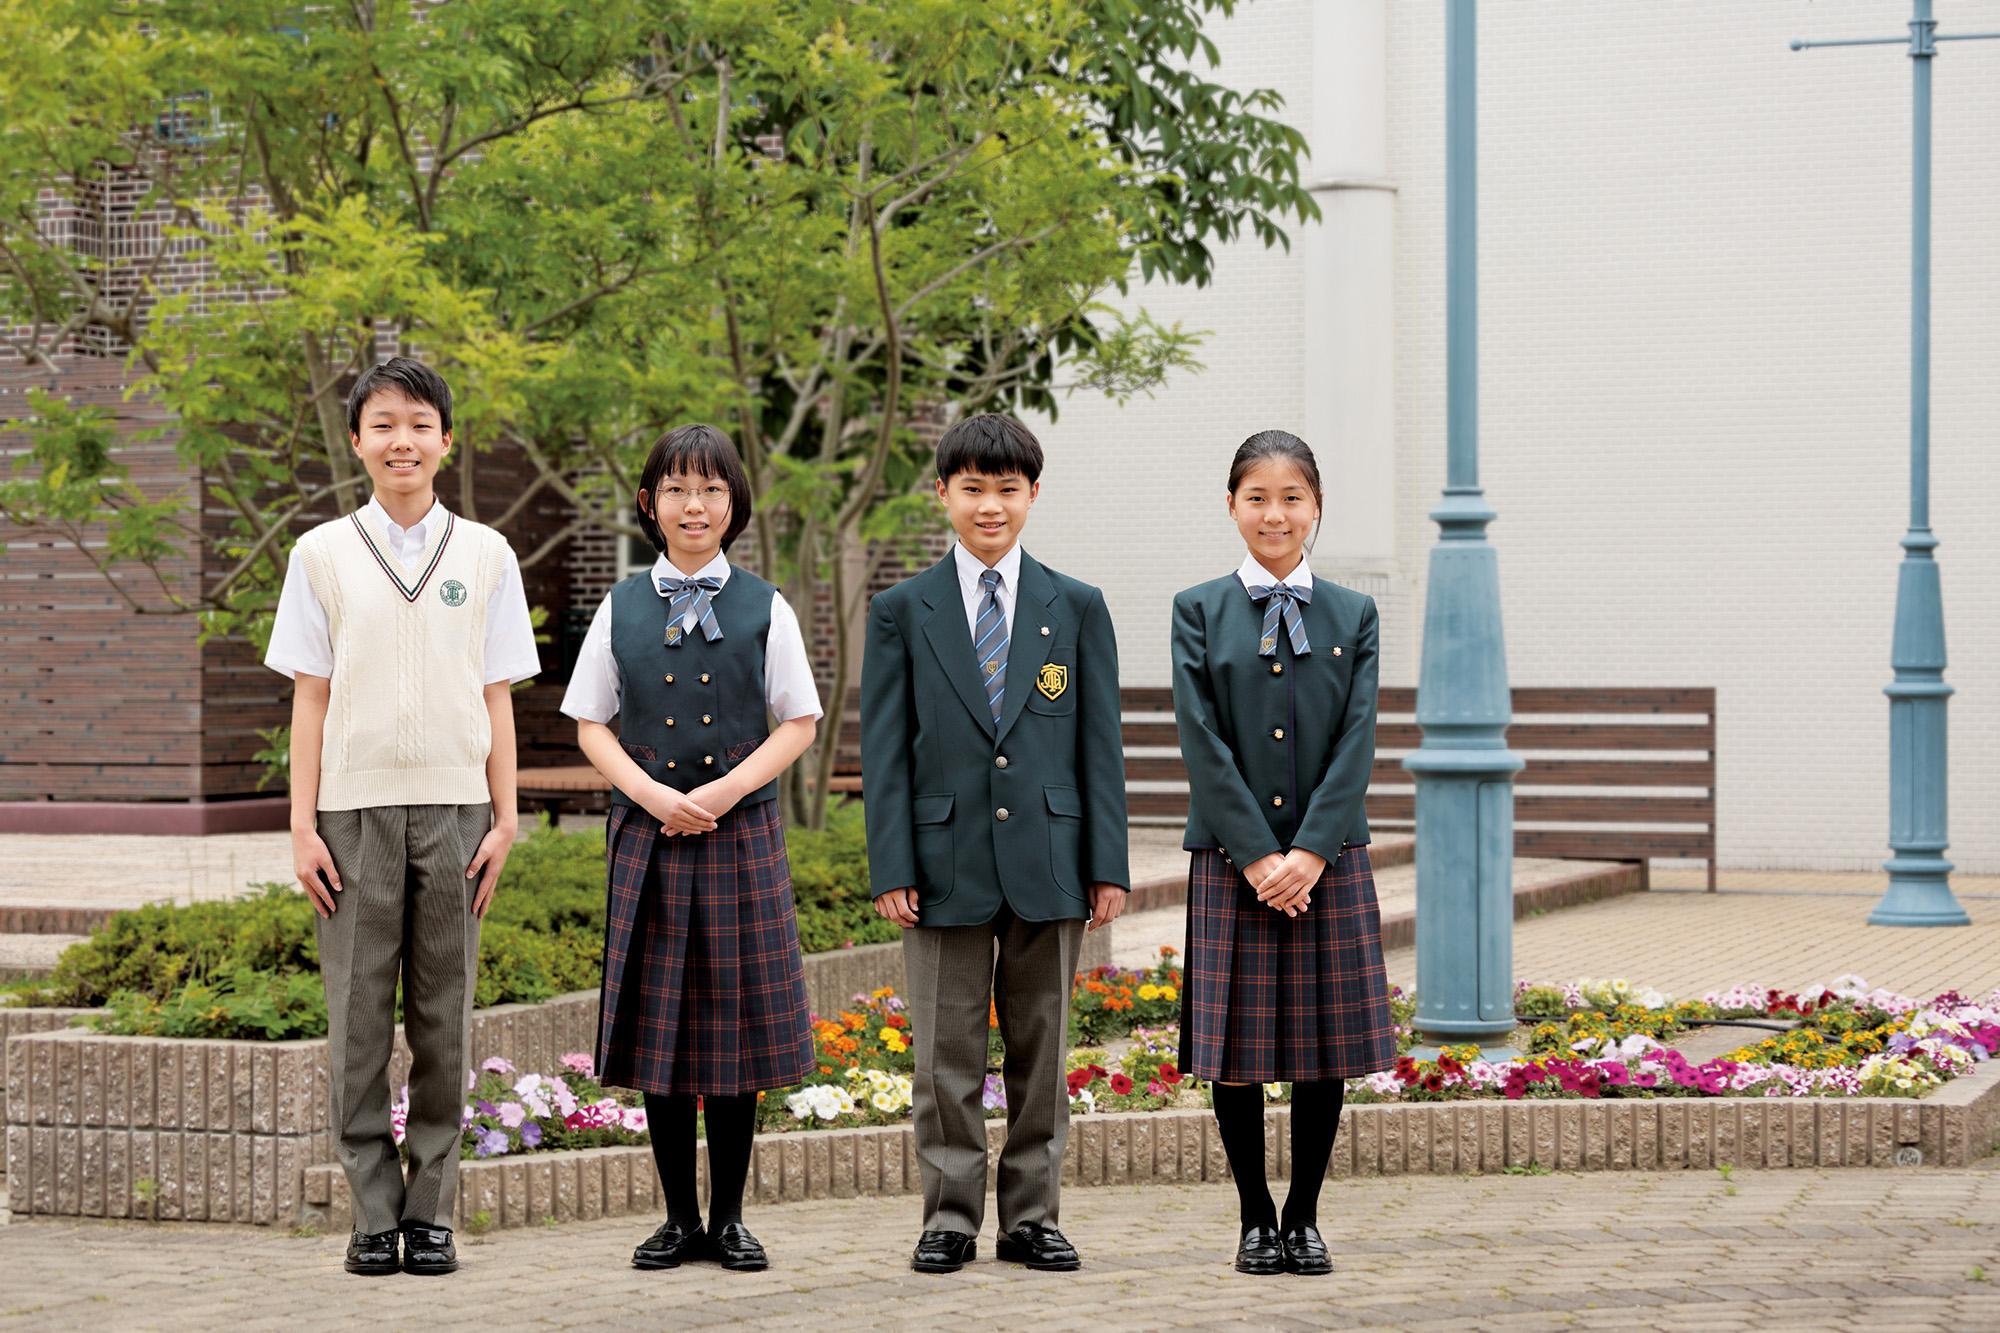 大阪桐蔭中学校制服